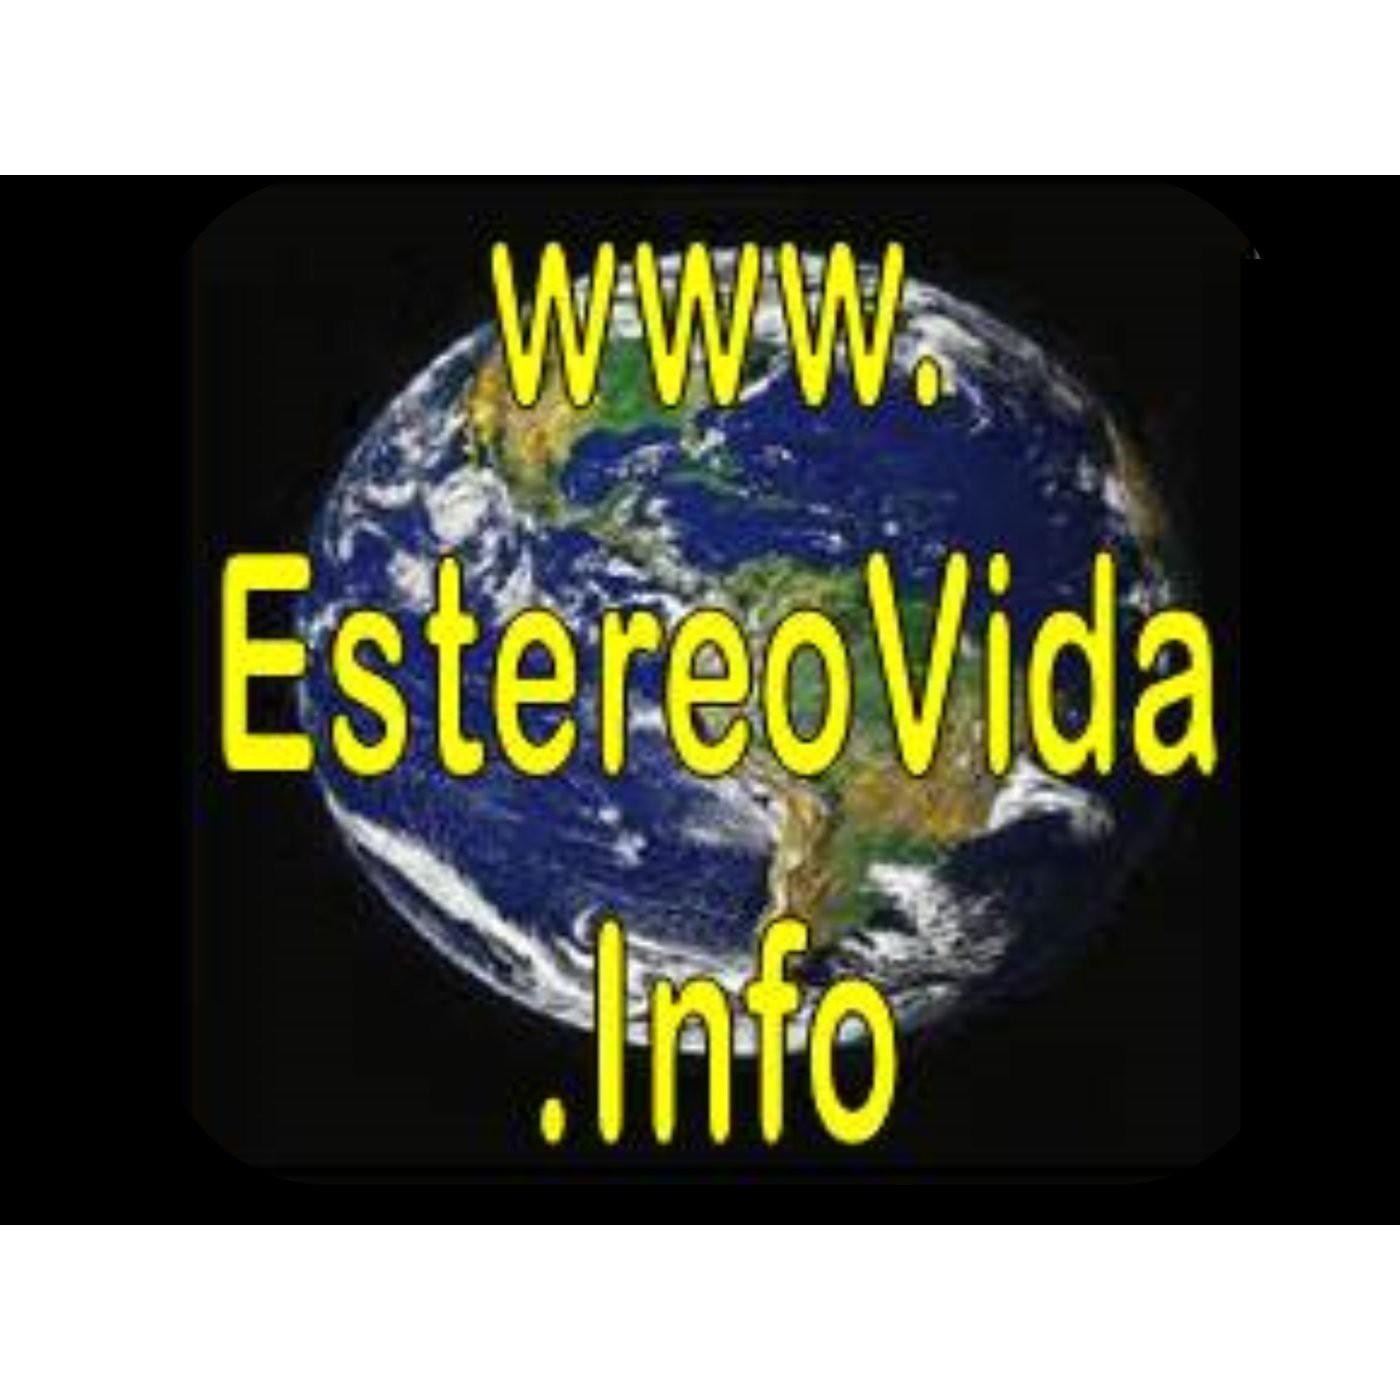 Programa en Vivo Radio Estéreo Vida - Audio 002 en iVoox